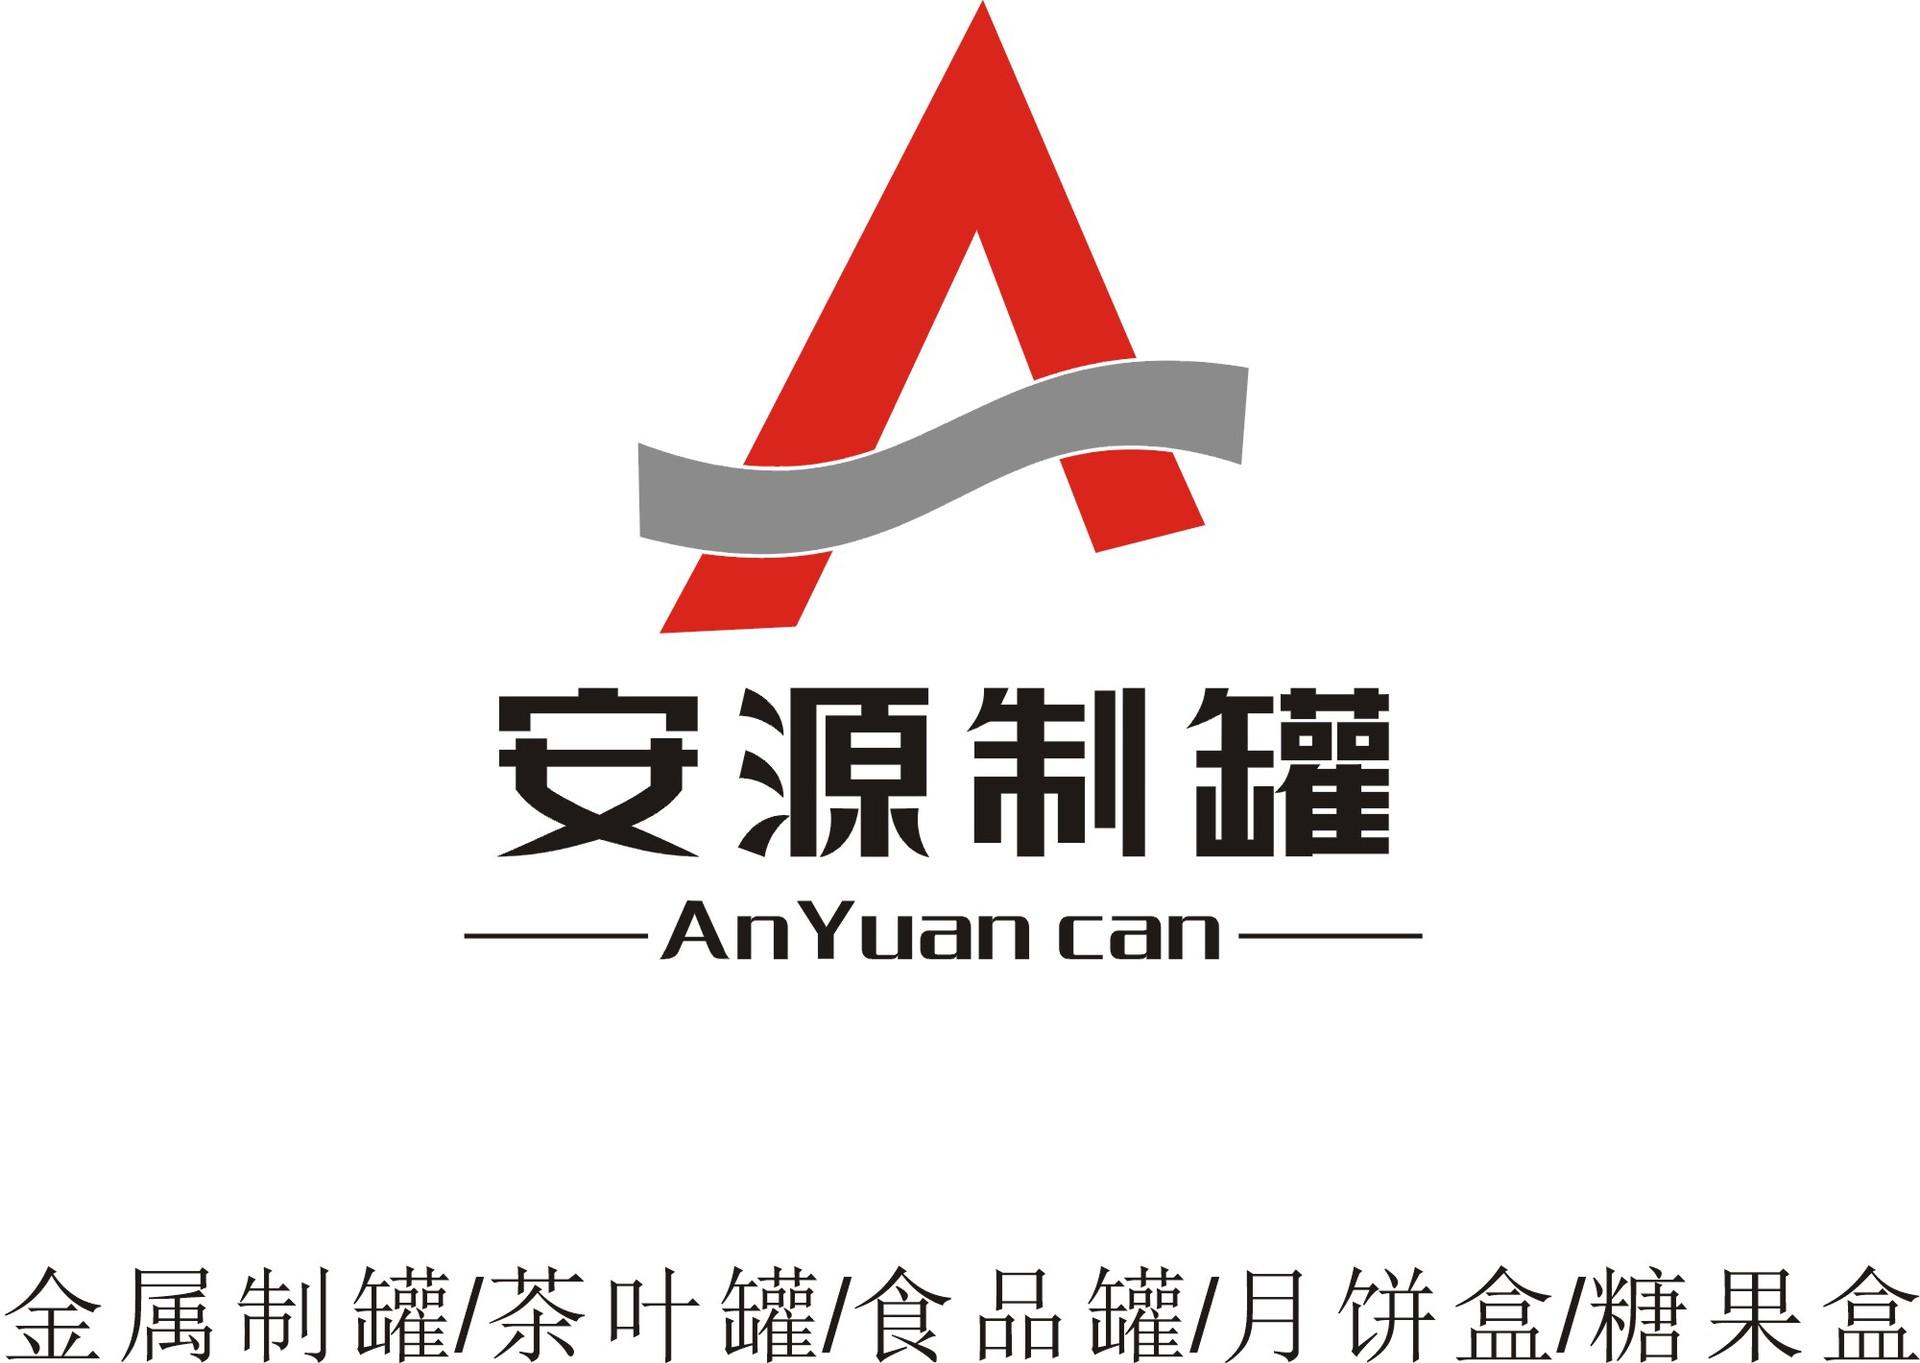 依托萍乡地区茶叶包装的地域影响力优势,公司产品主要以茶叶罐为主,日图片